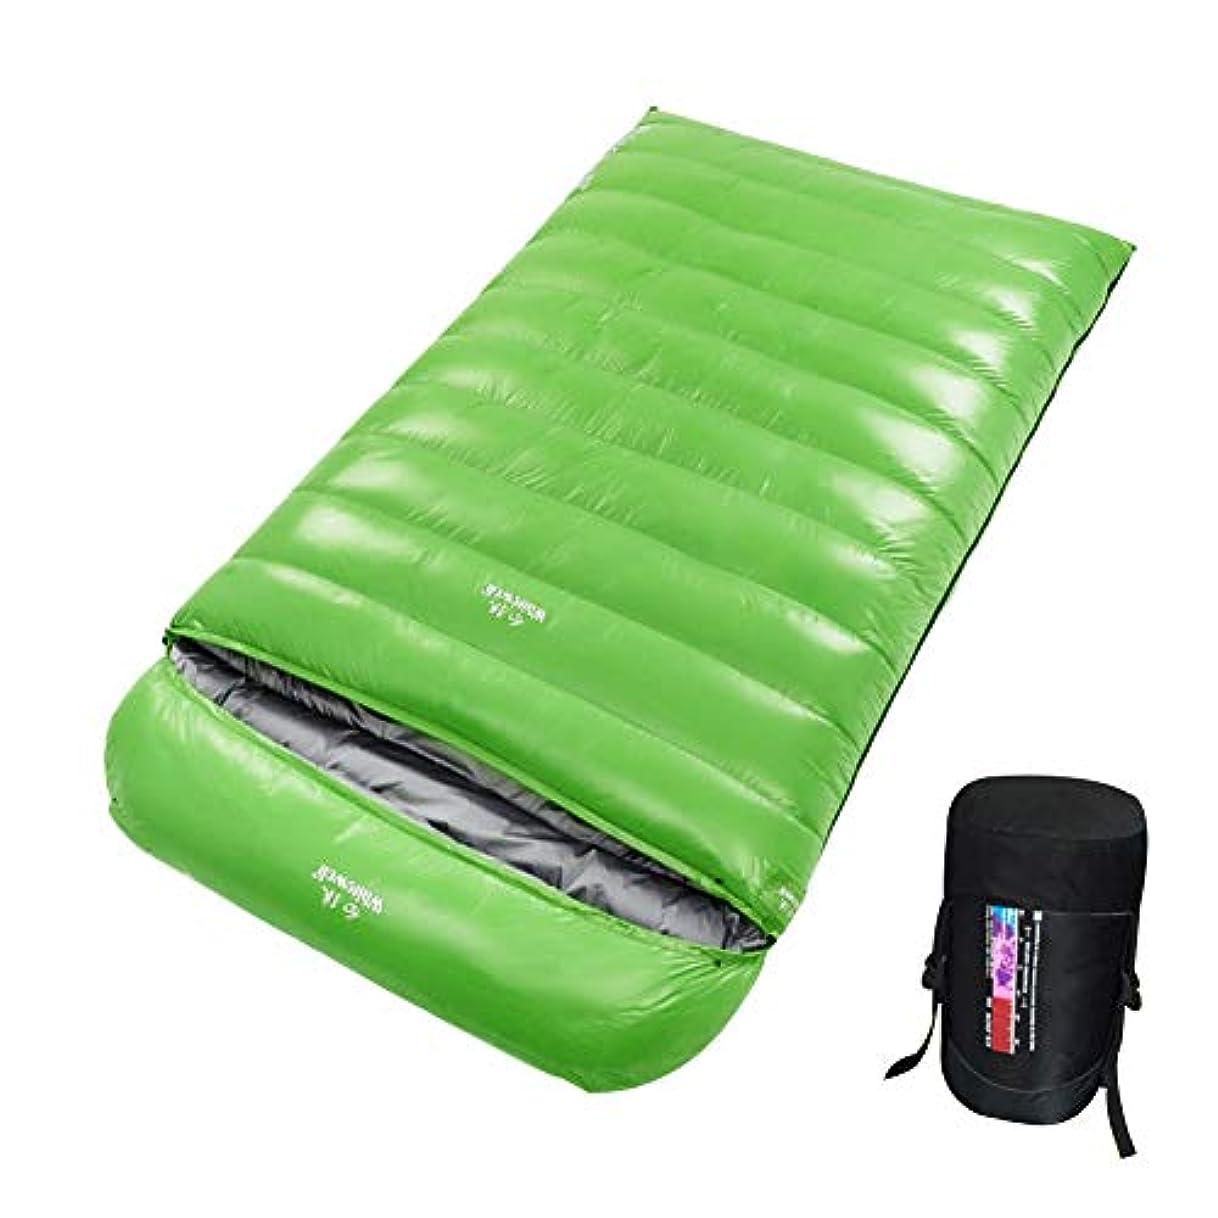 豆静かにメディア軽量、快適、防水、キャンプや大人と子供のための適切な旅行の屋外の冒険を (4000G ホワイトダックで満たされた) キャンプ寝袋